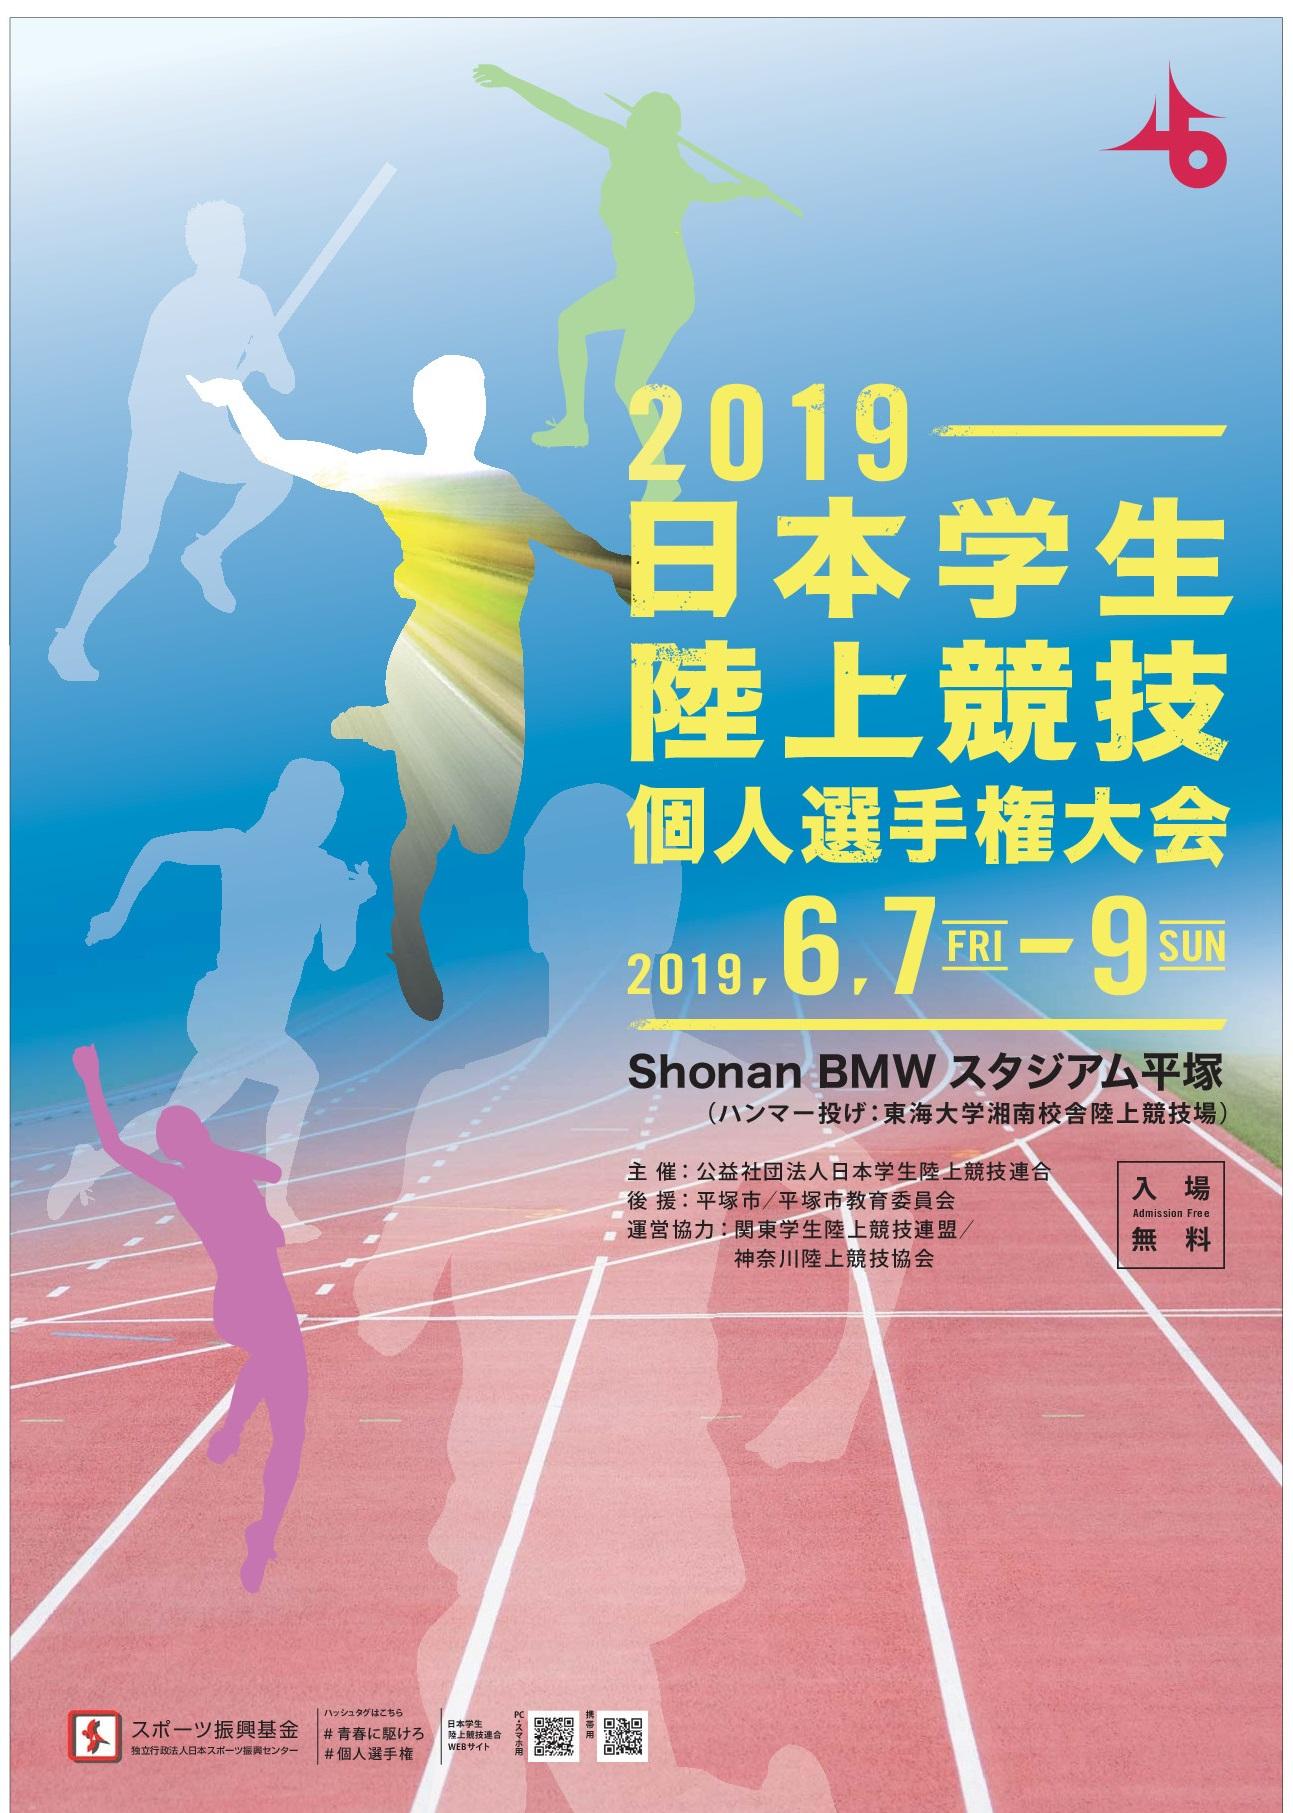 大会情報2019 - 公益社団法人 日本学生陸上競技連合